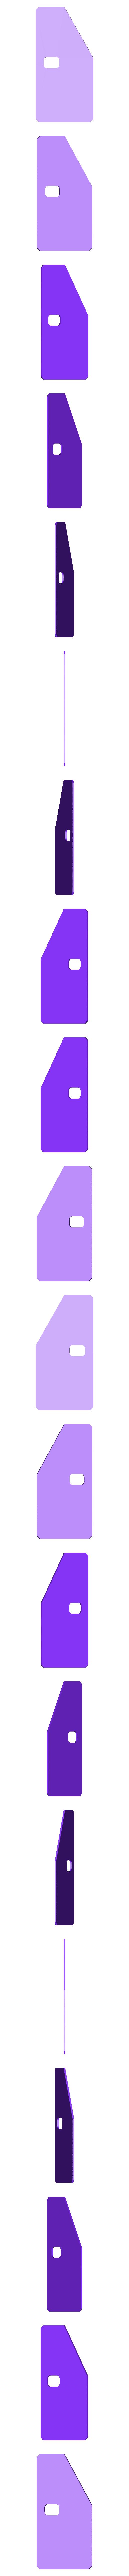 lid.stl Télécharger fichier STL gratuit Caméra avant XYZ DaVinci • Modèle à imprimer en 3D, indigo4